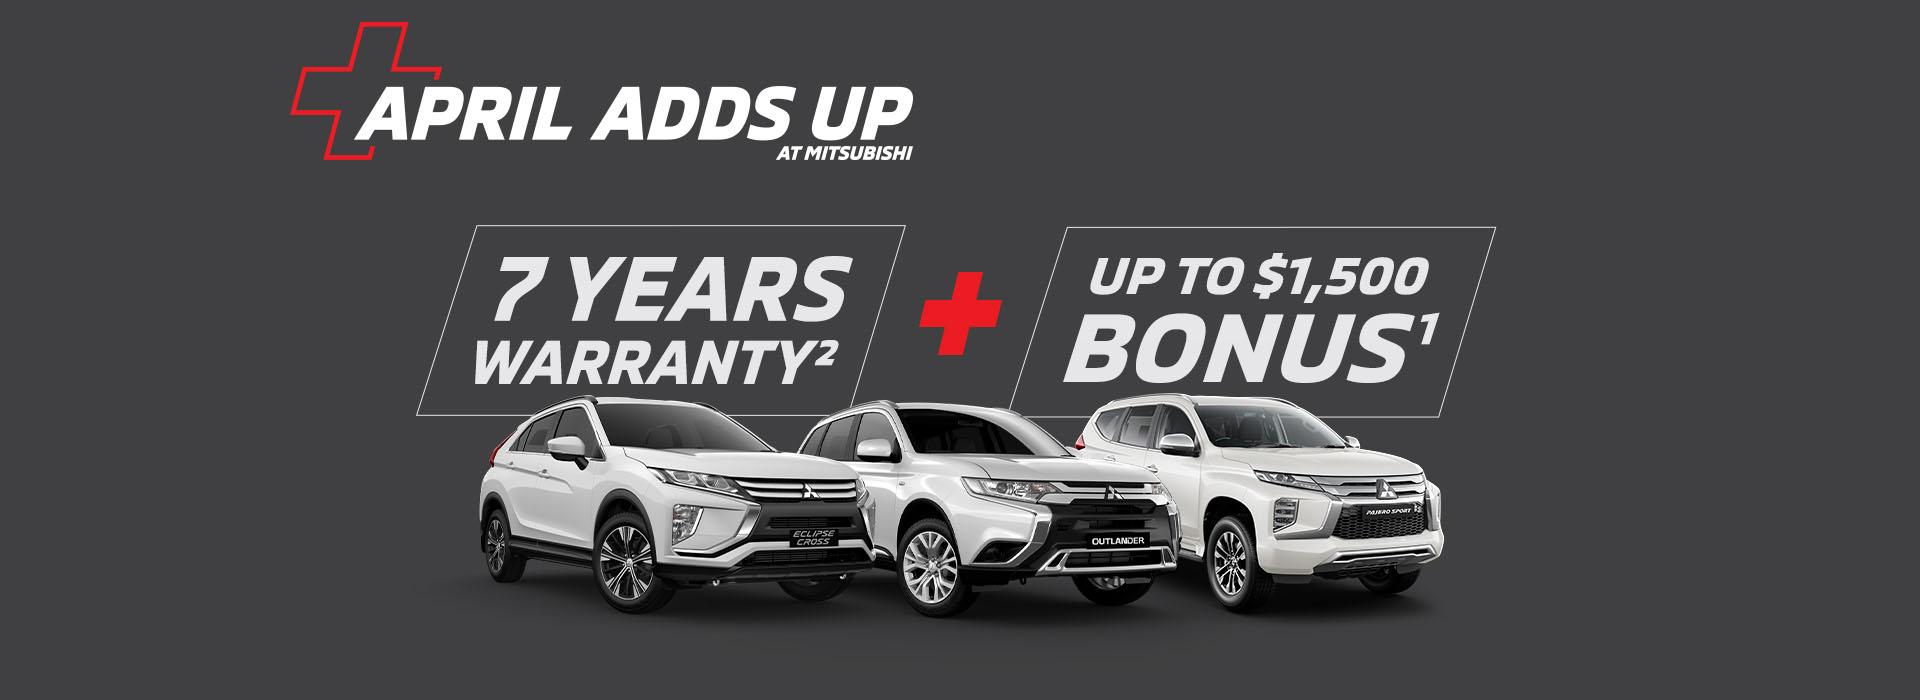 Mitsubishi 7 Years Warranty + Up to $1,500 Bonus